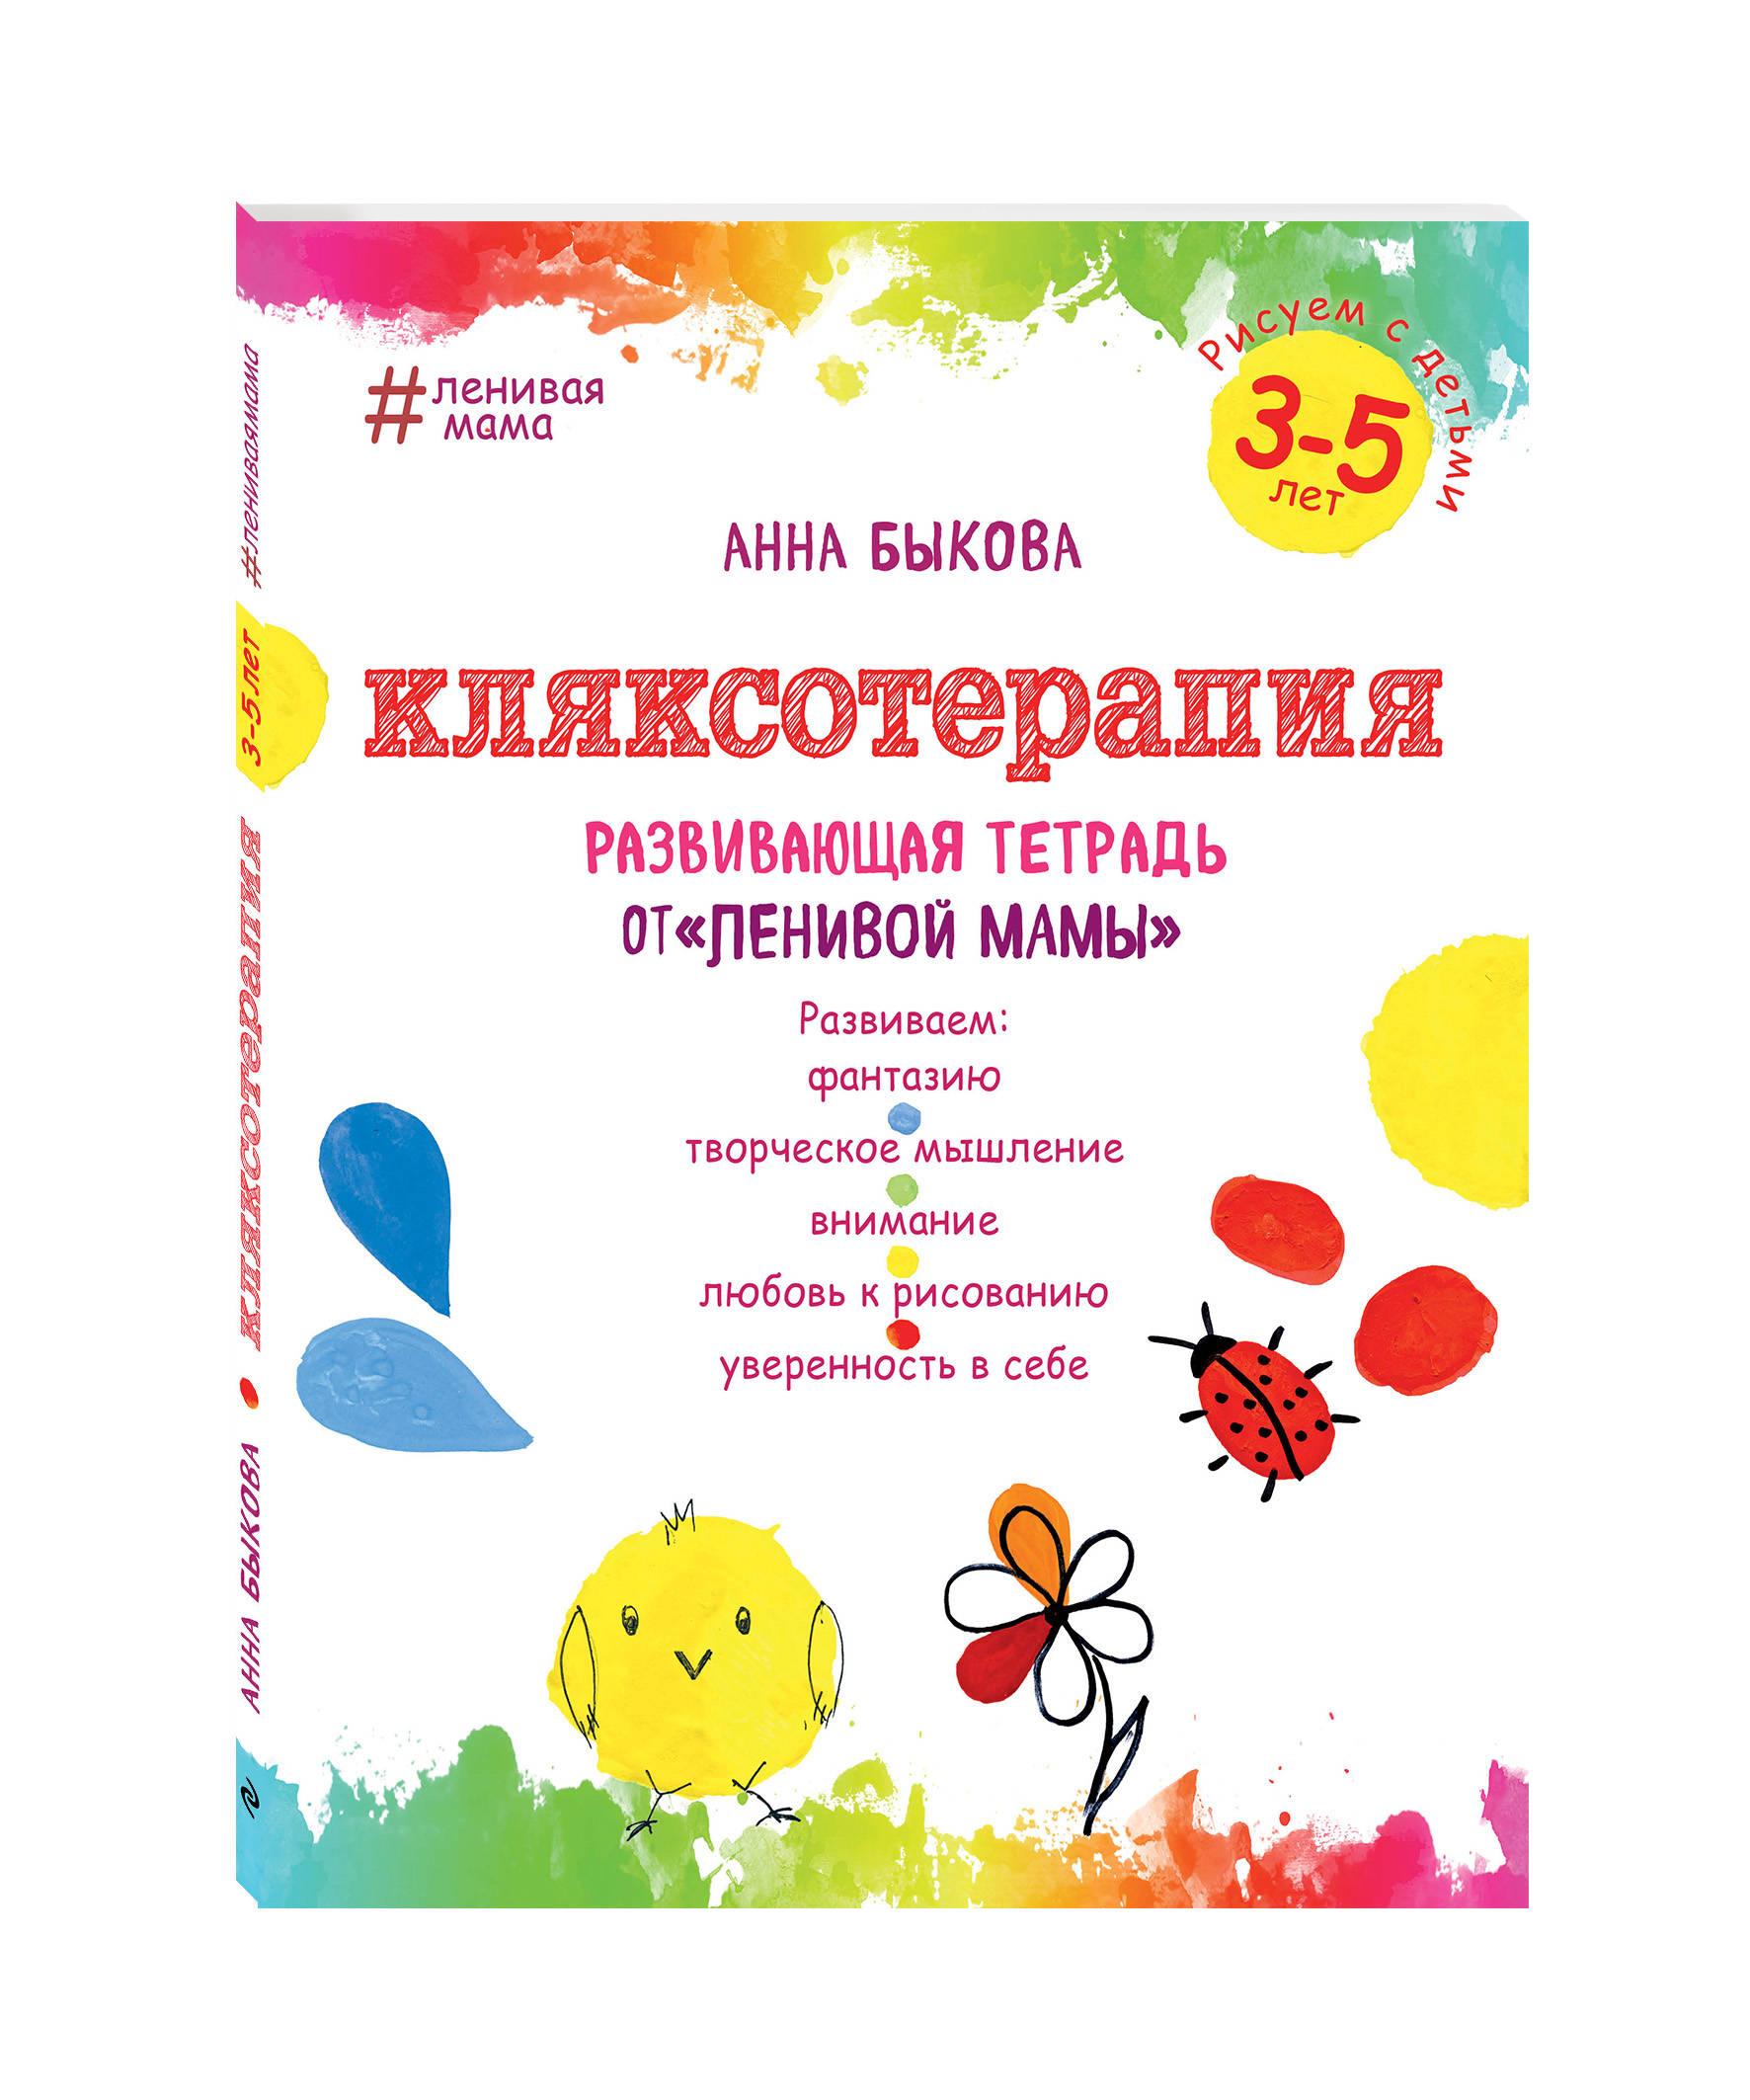 Анна Быкова Кляксотерапия. Рисуем с детьми 3-5 лет, развивающая тетрадь от ленивой мамы